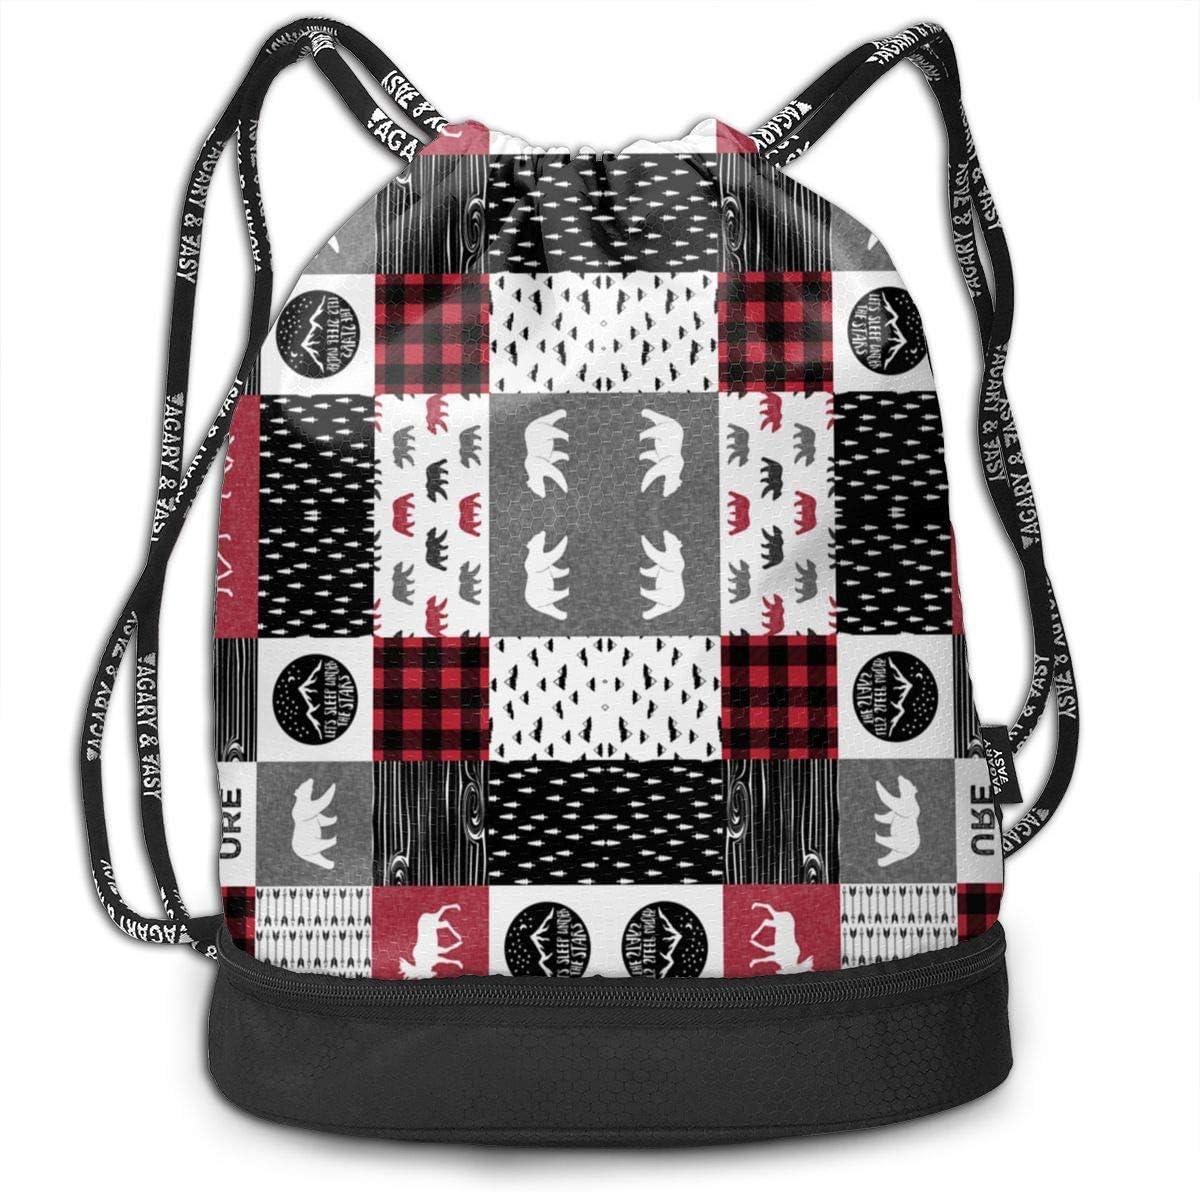 HUOPR5Q Black and White Plaid Drawstring Backpack Sport Gym Sack Shoulder Bulk Bag Dance Bag for School Travel